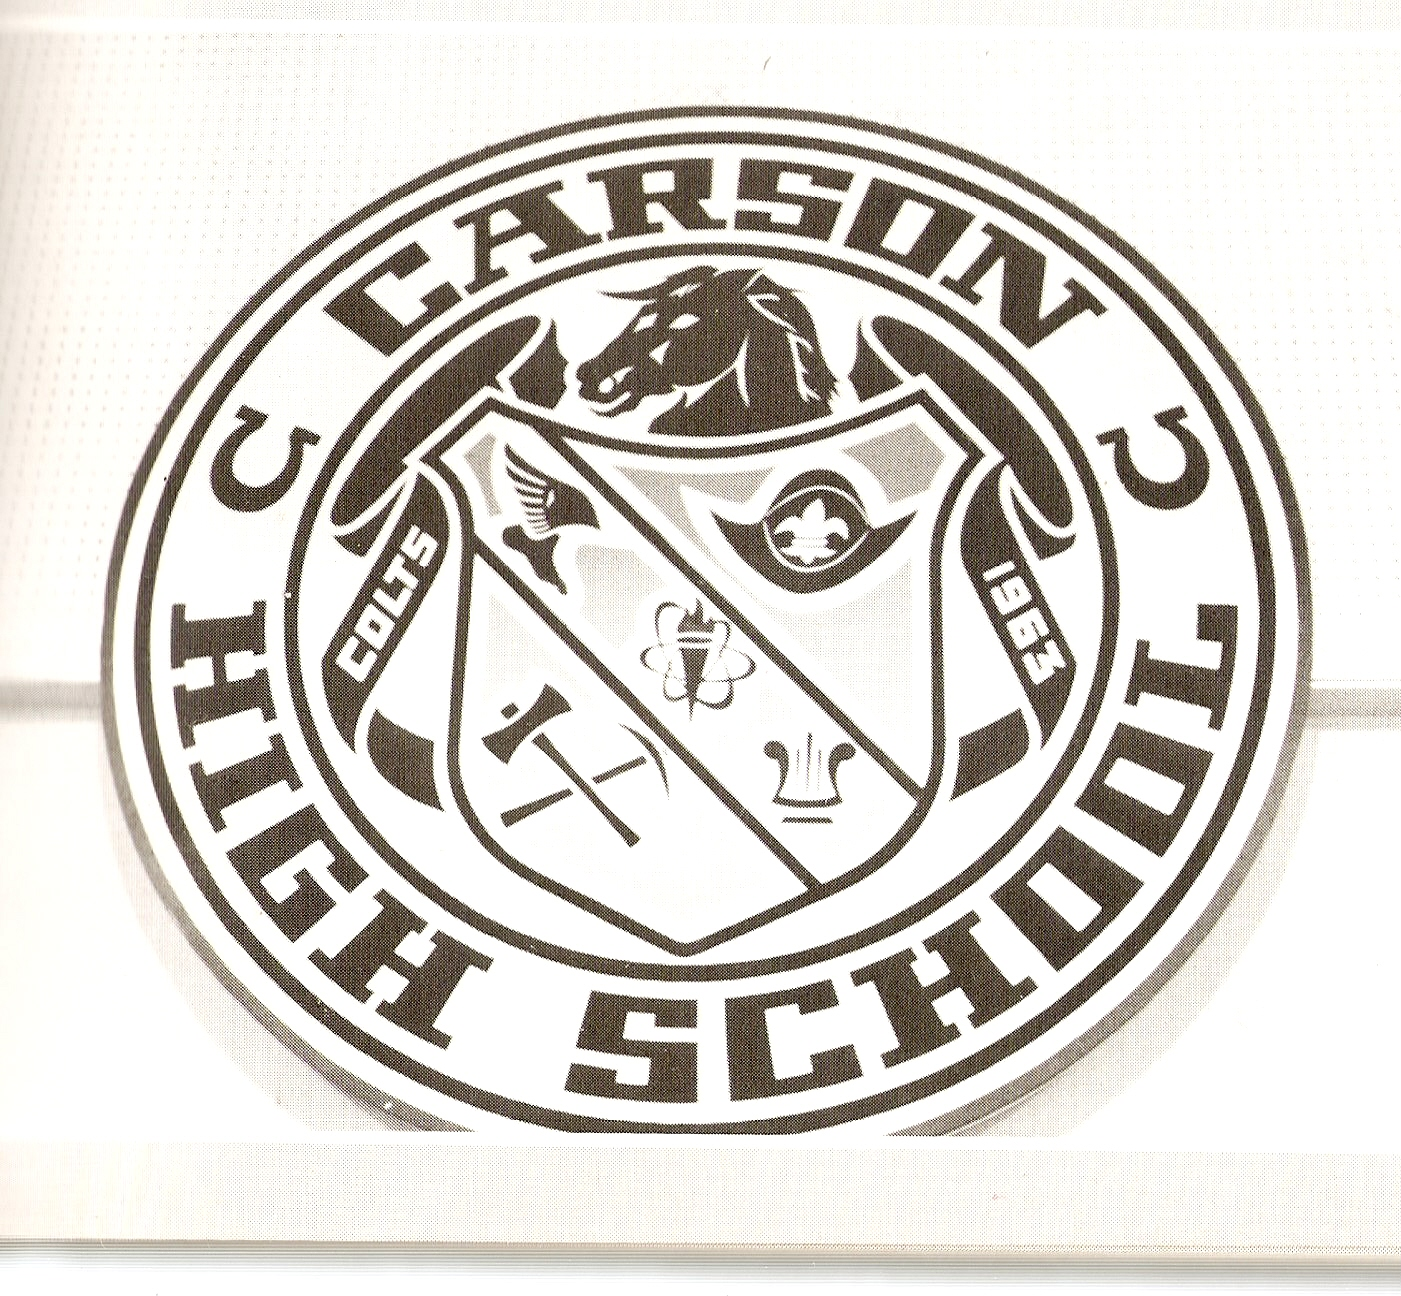 Angie Cepeda Nua carson high school classes of 1982 - 1987 alumni, carson, ca